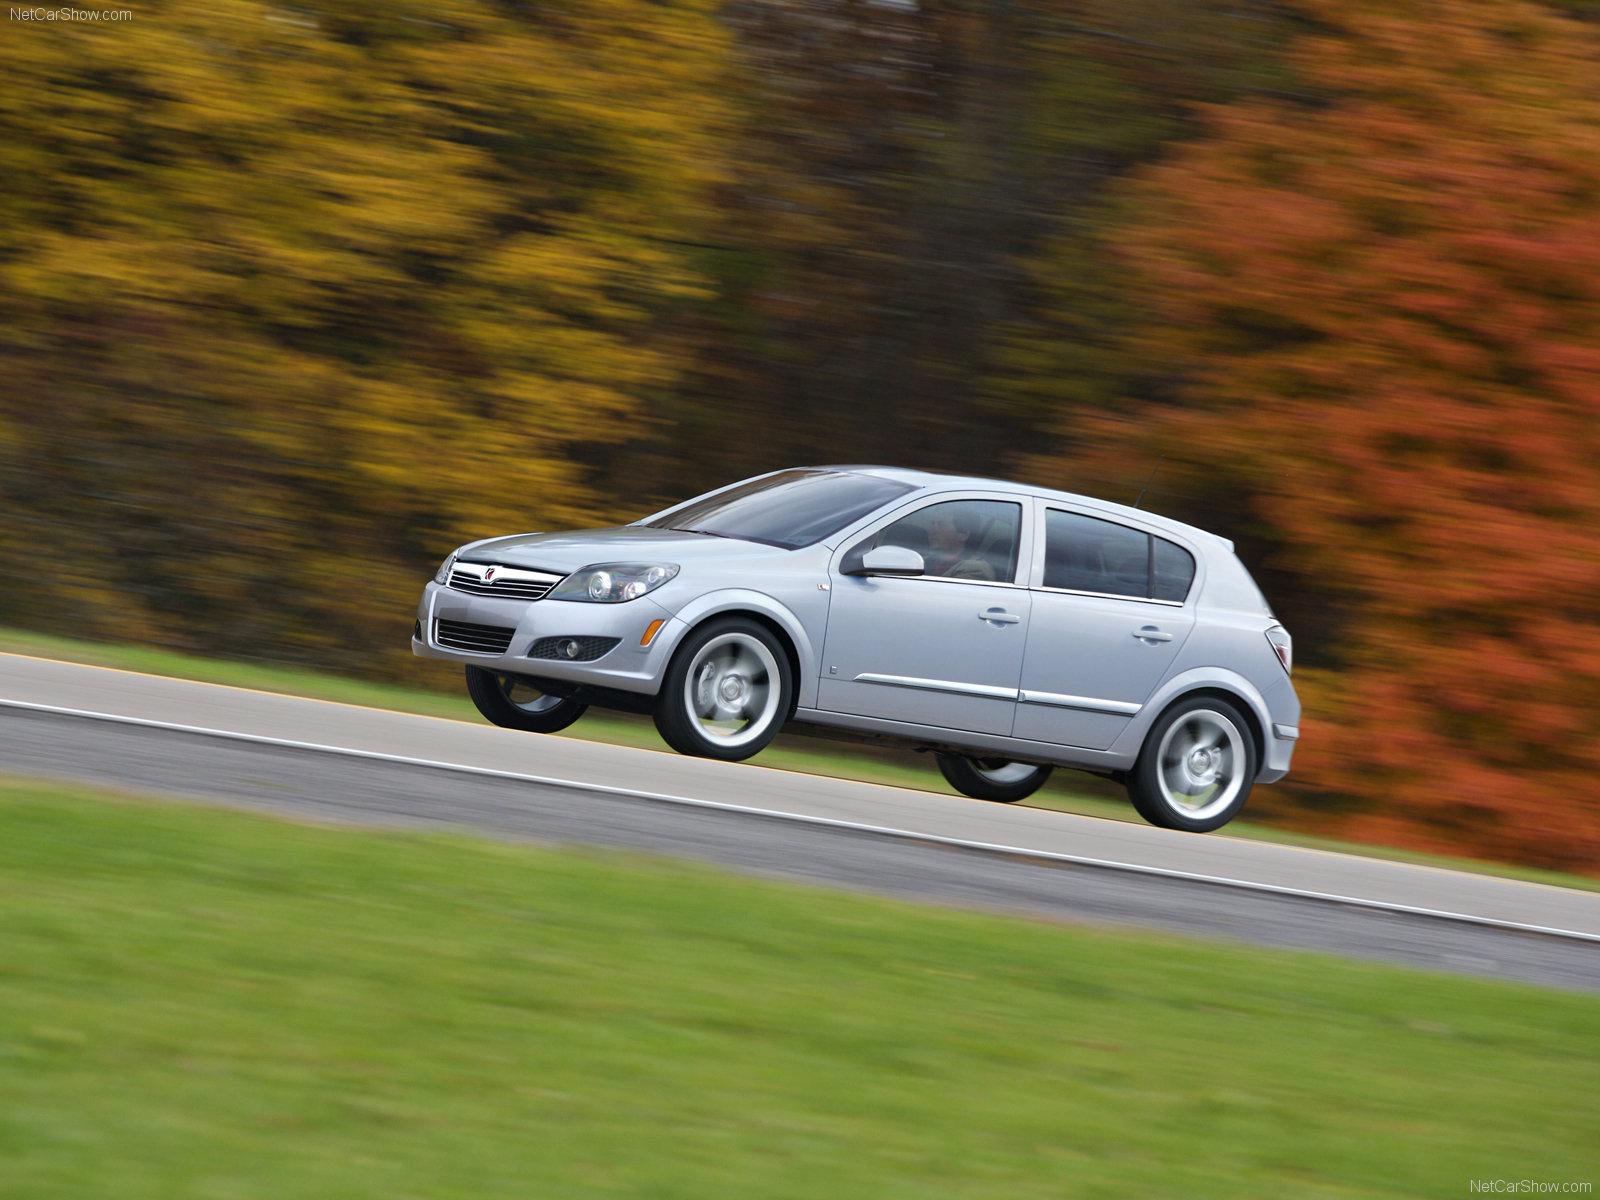 Hình ảnh xe ô tô Saturn Astra 5-door 2008 & nội ngoại thất